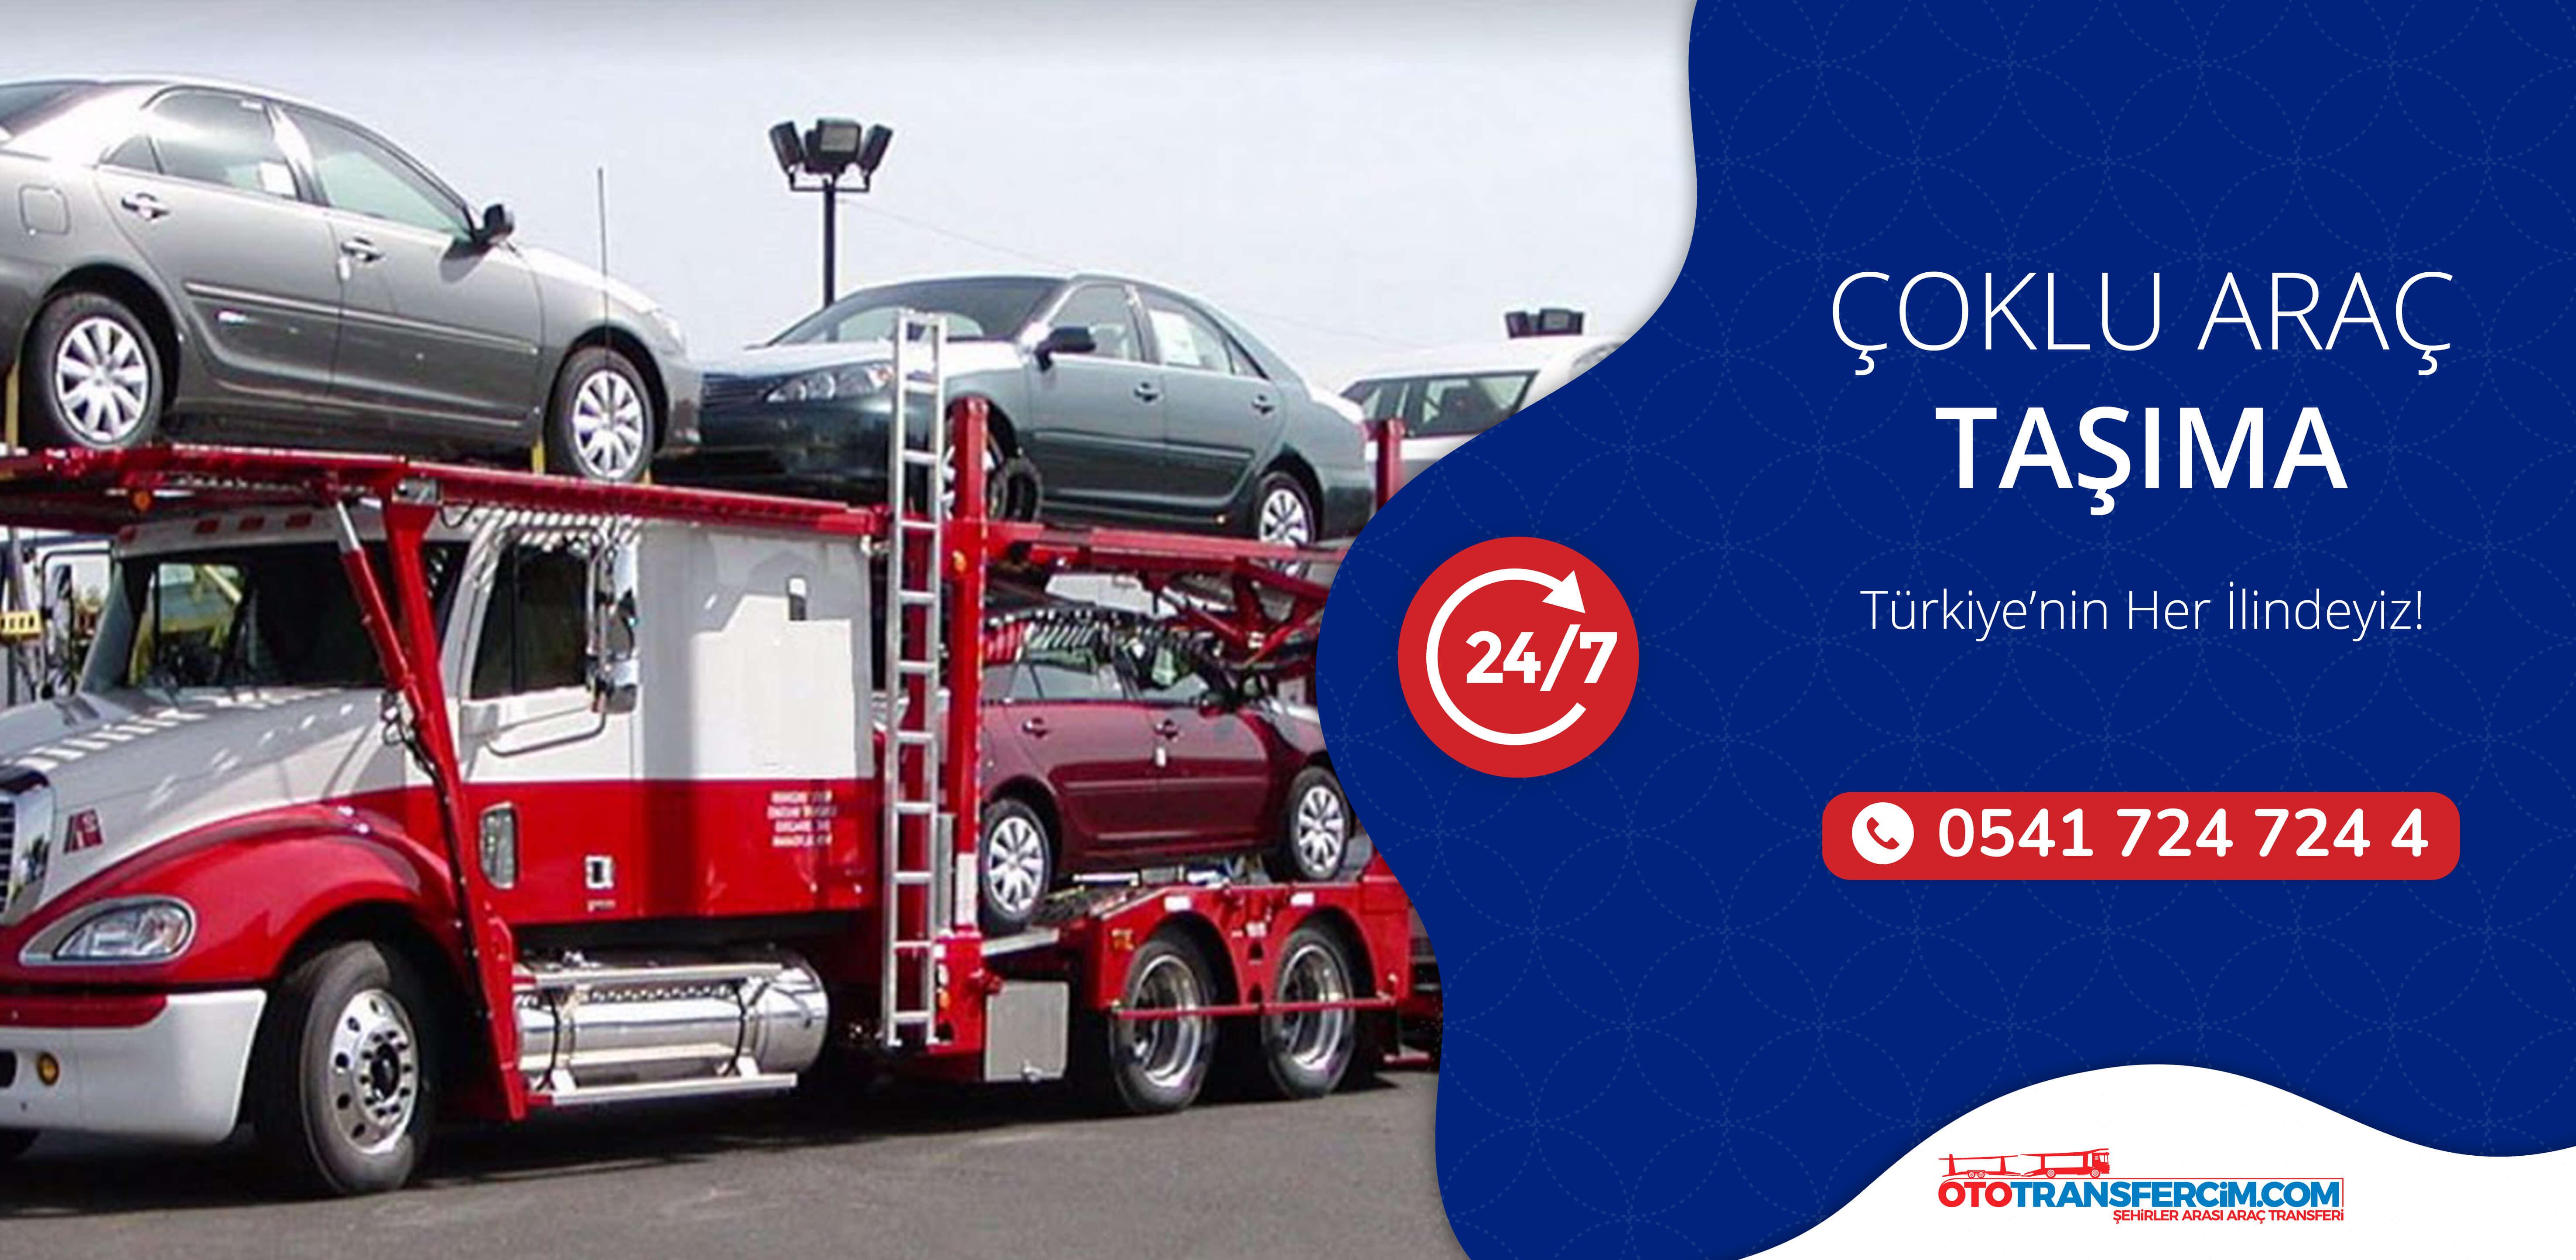 Bozüyük - Trabzon Şehirler Arası Oto Çekici Çoklu Araç Taşıma semtinin neresinde olursanız olun! Yolda kaldığınız da 0541 724 724 4 nolu telefondan bize ulaşın, Bozüyük - Trabzon Şehirler Arası Oto Çekici Çoklu Araç Taşıma Çekicimizi hemen yönlendirelim